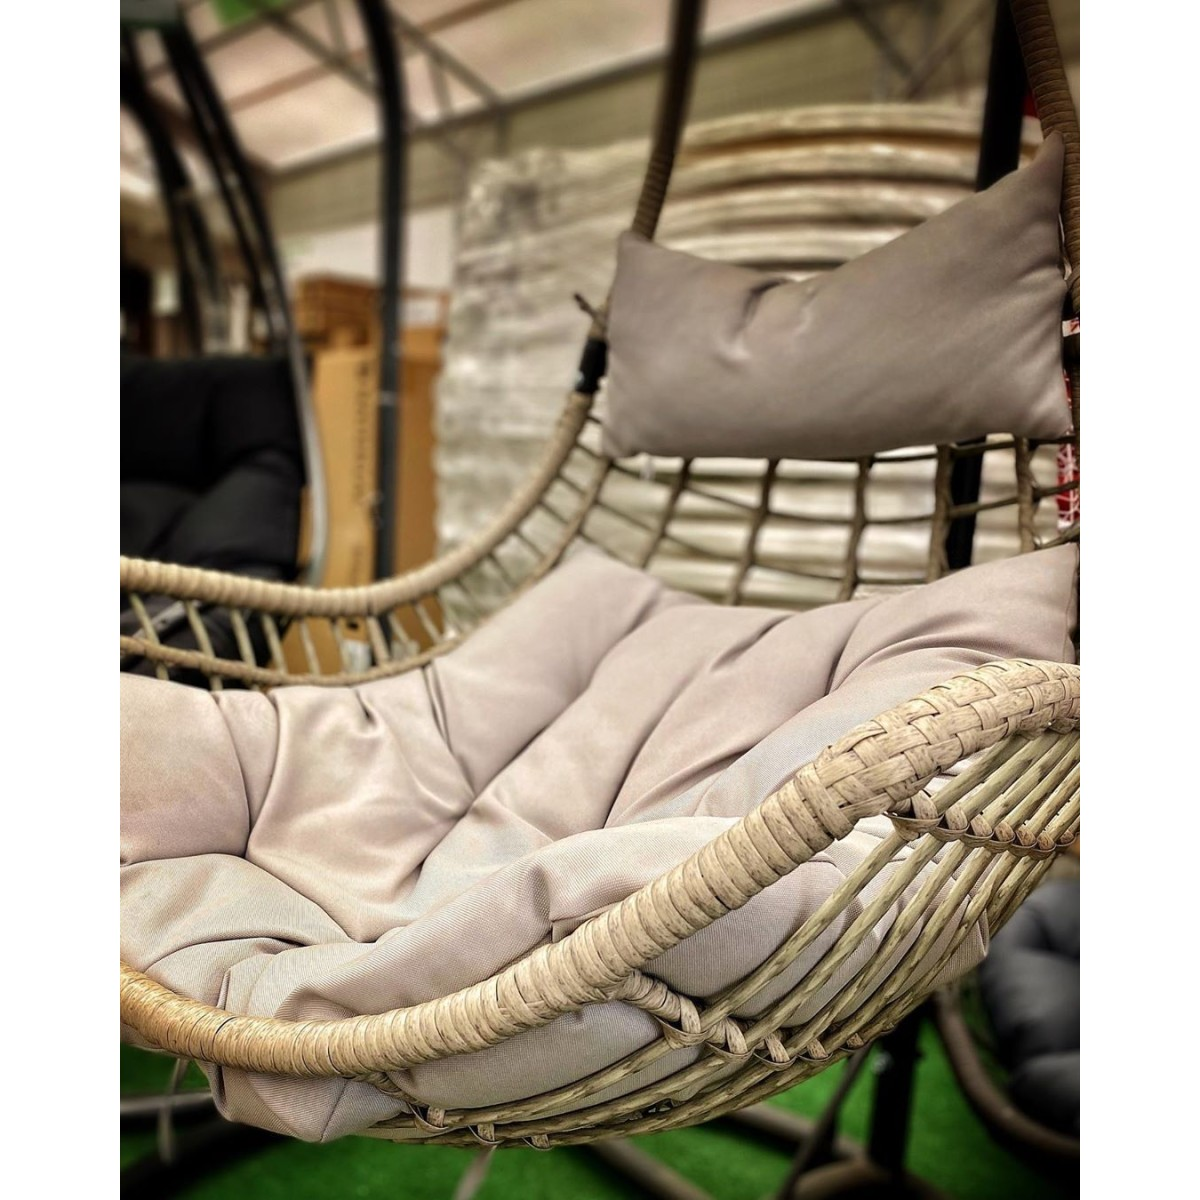 Кресло Подвесное 95Х95Х196 Сталь/ Полиротанг Белый С Опорой